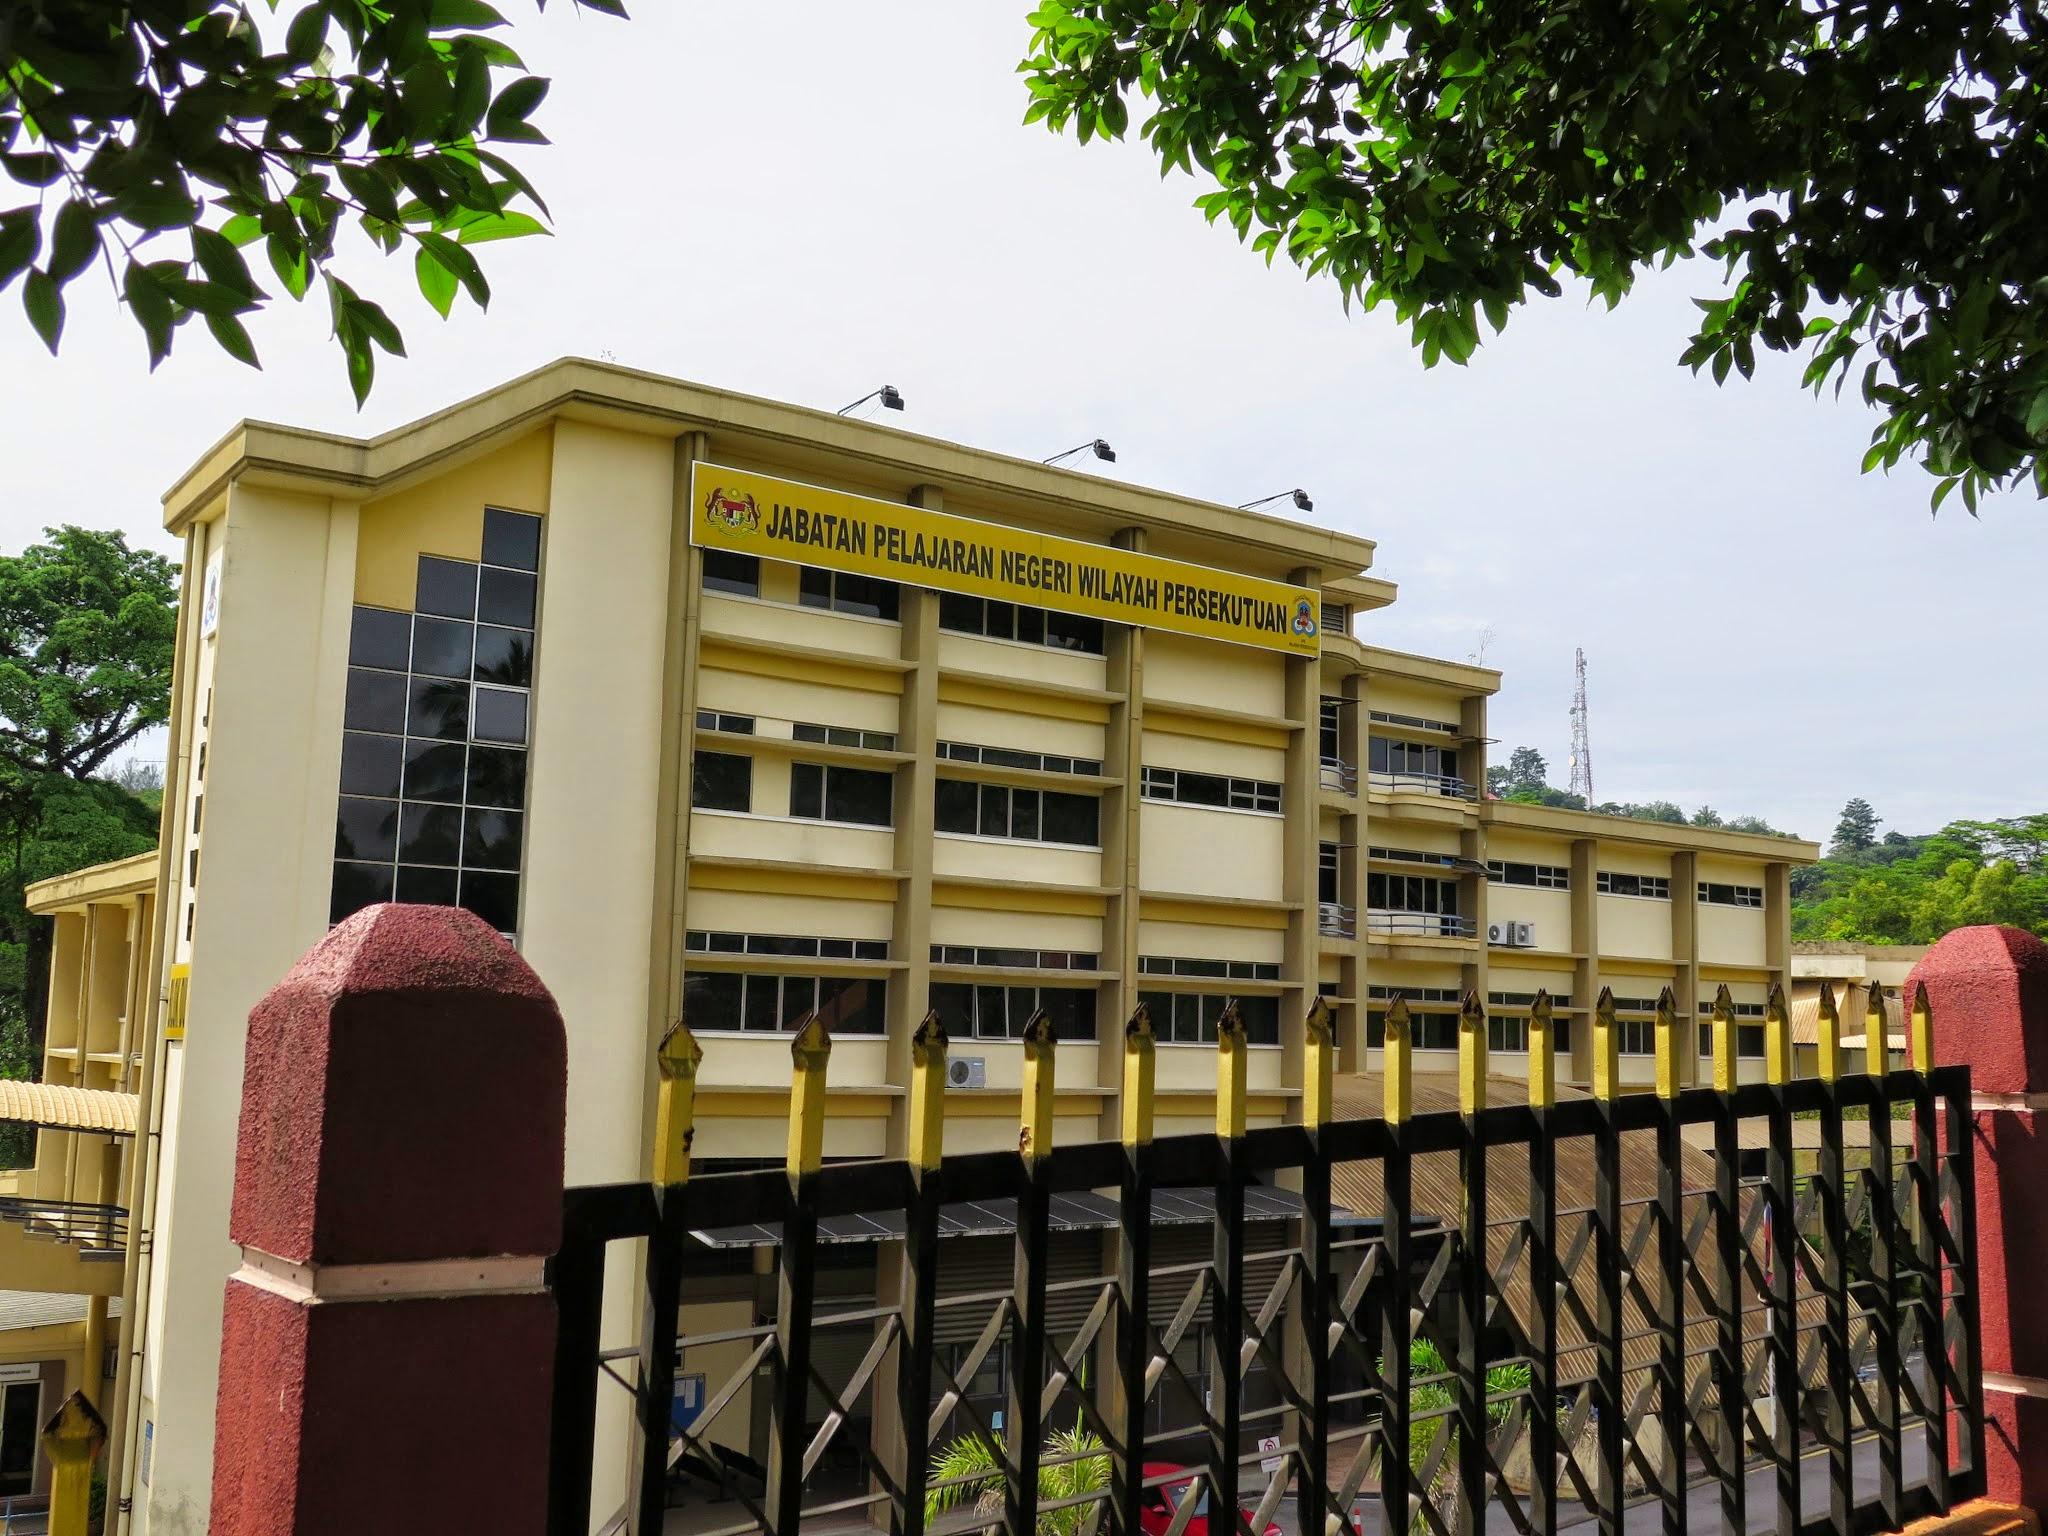 Jabatan Pelajaran Negeri Wilayah Persekutuan